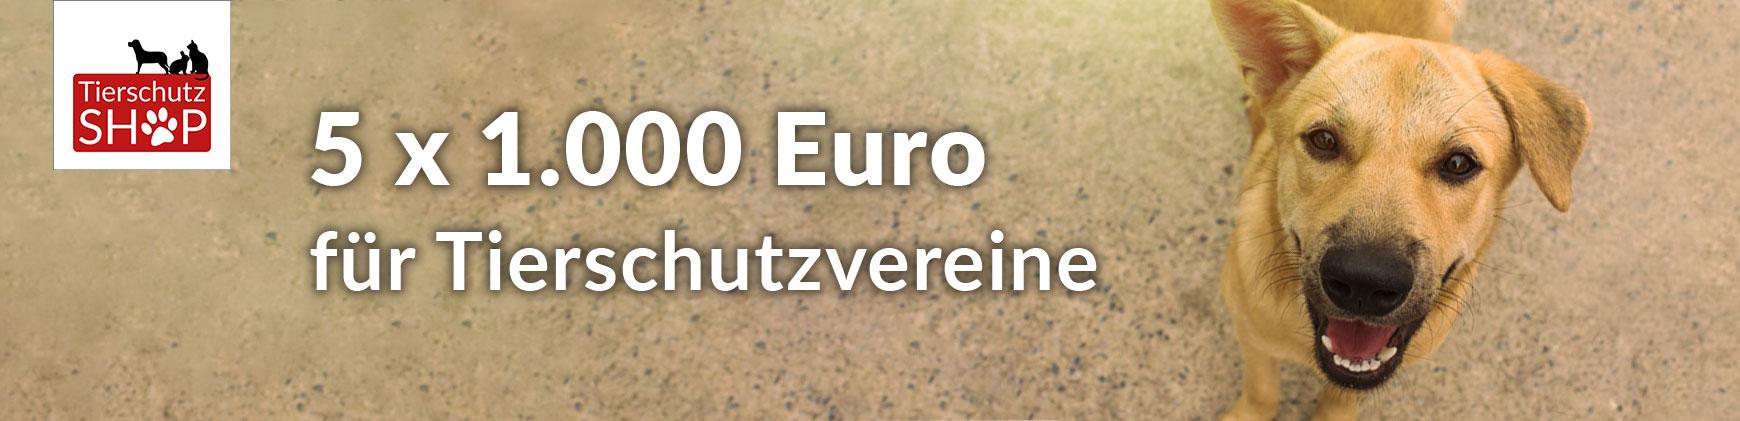 Tierschutz-Shop Abstimmung 5x1.000 Euro für Tierschutzvereine